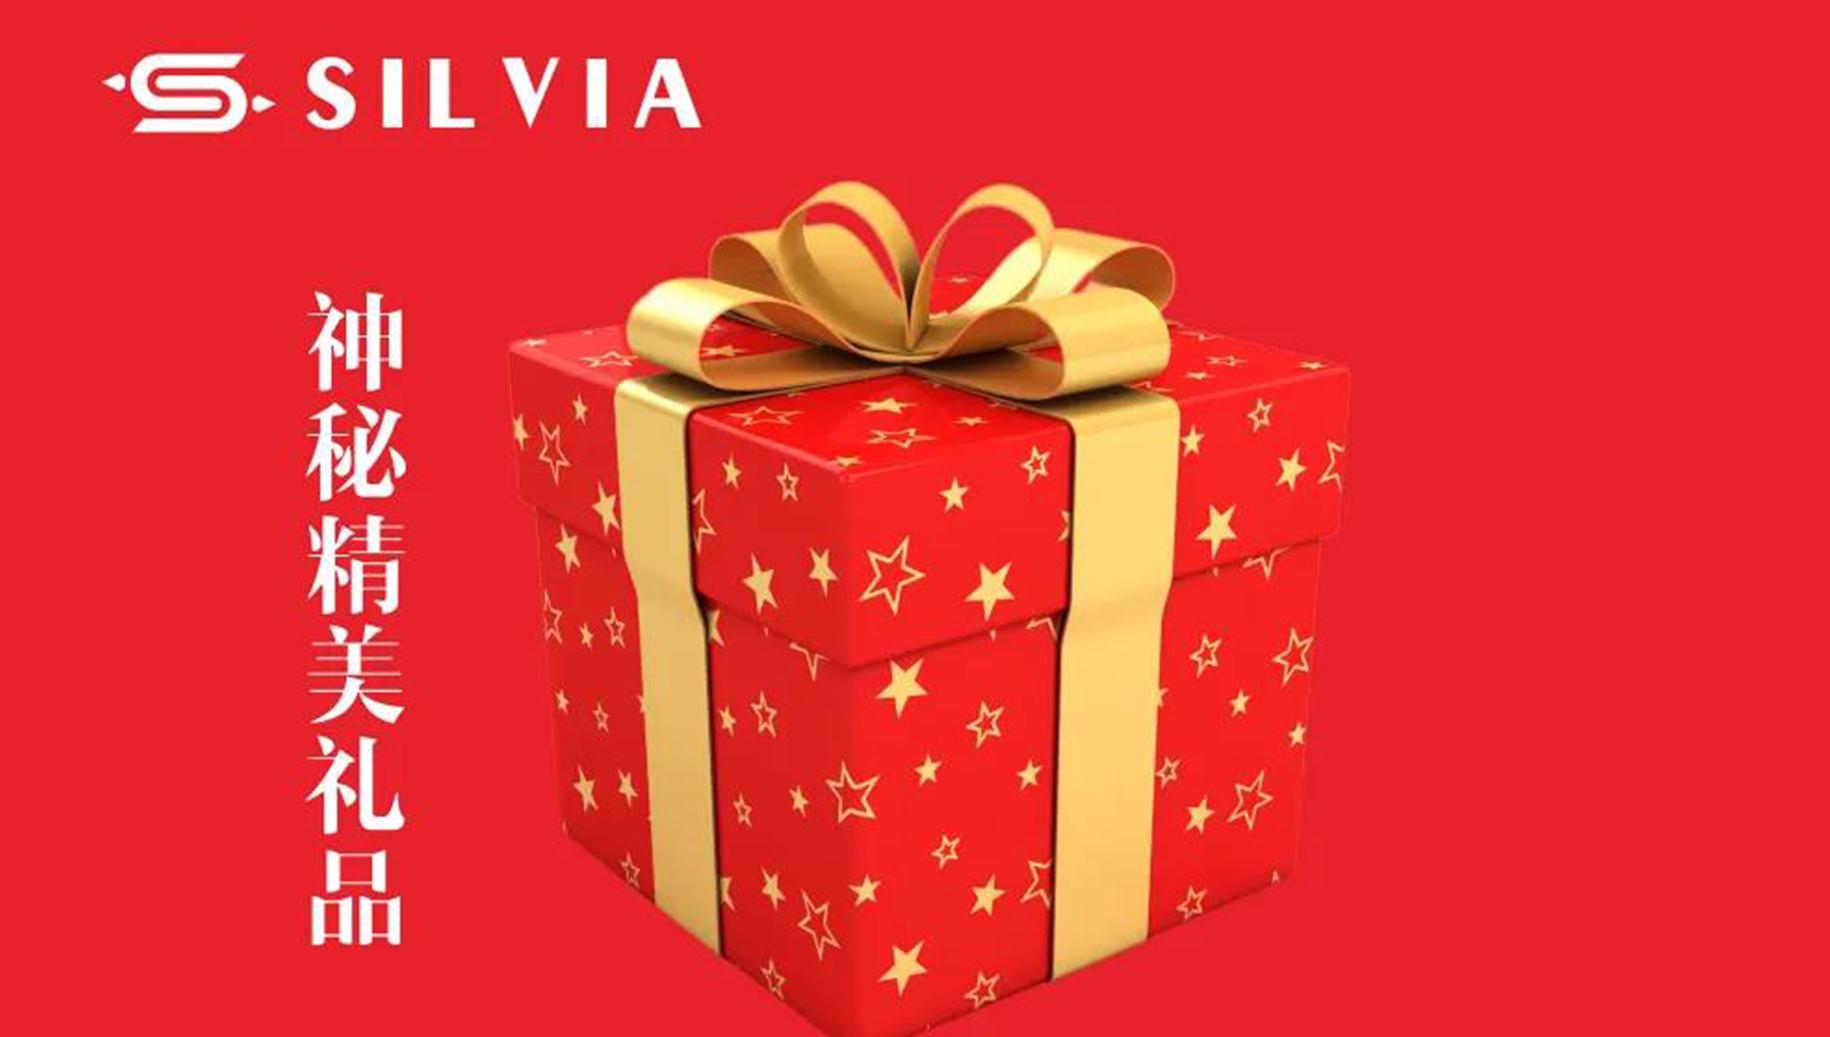 西尔维娅钢琴丨注意!!!有一份您的礼品快递,请注意查收!!!